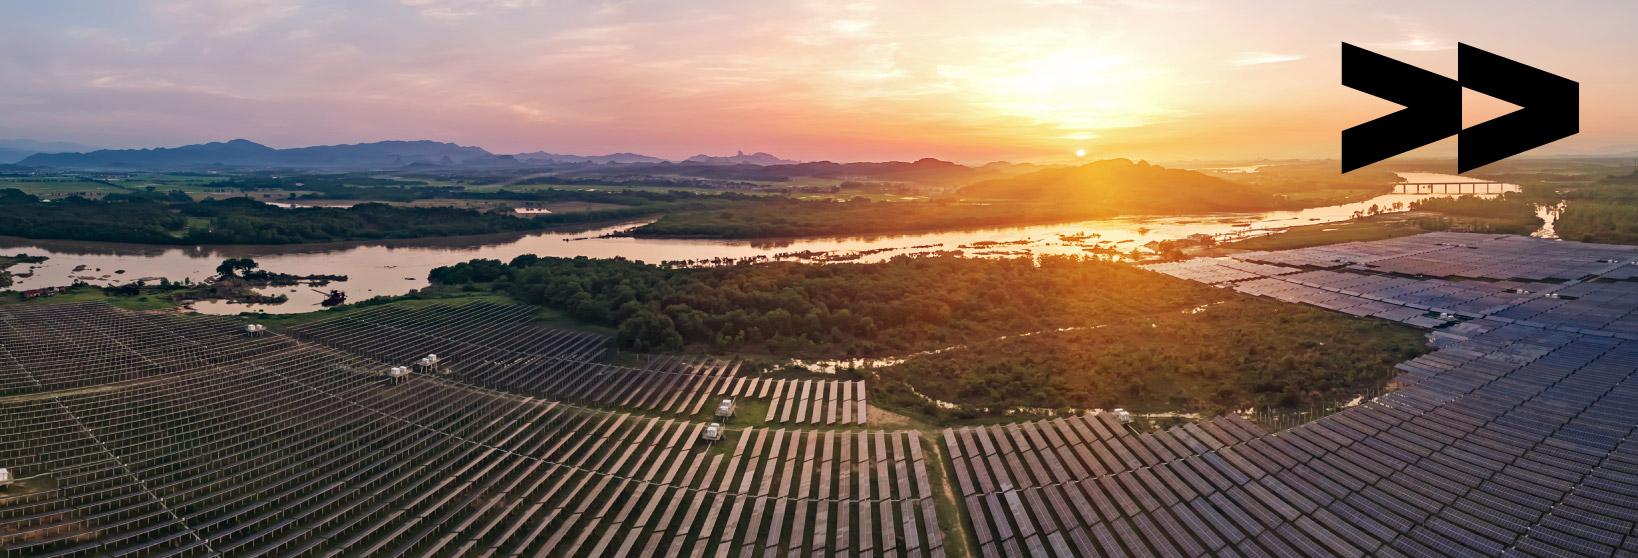 Energia Solar, sustentabilidade com eficiência e tecnologia